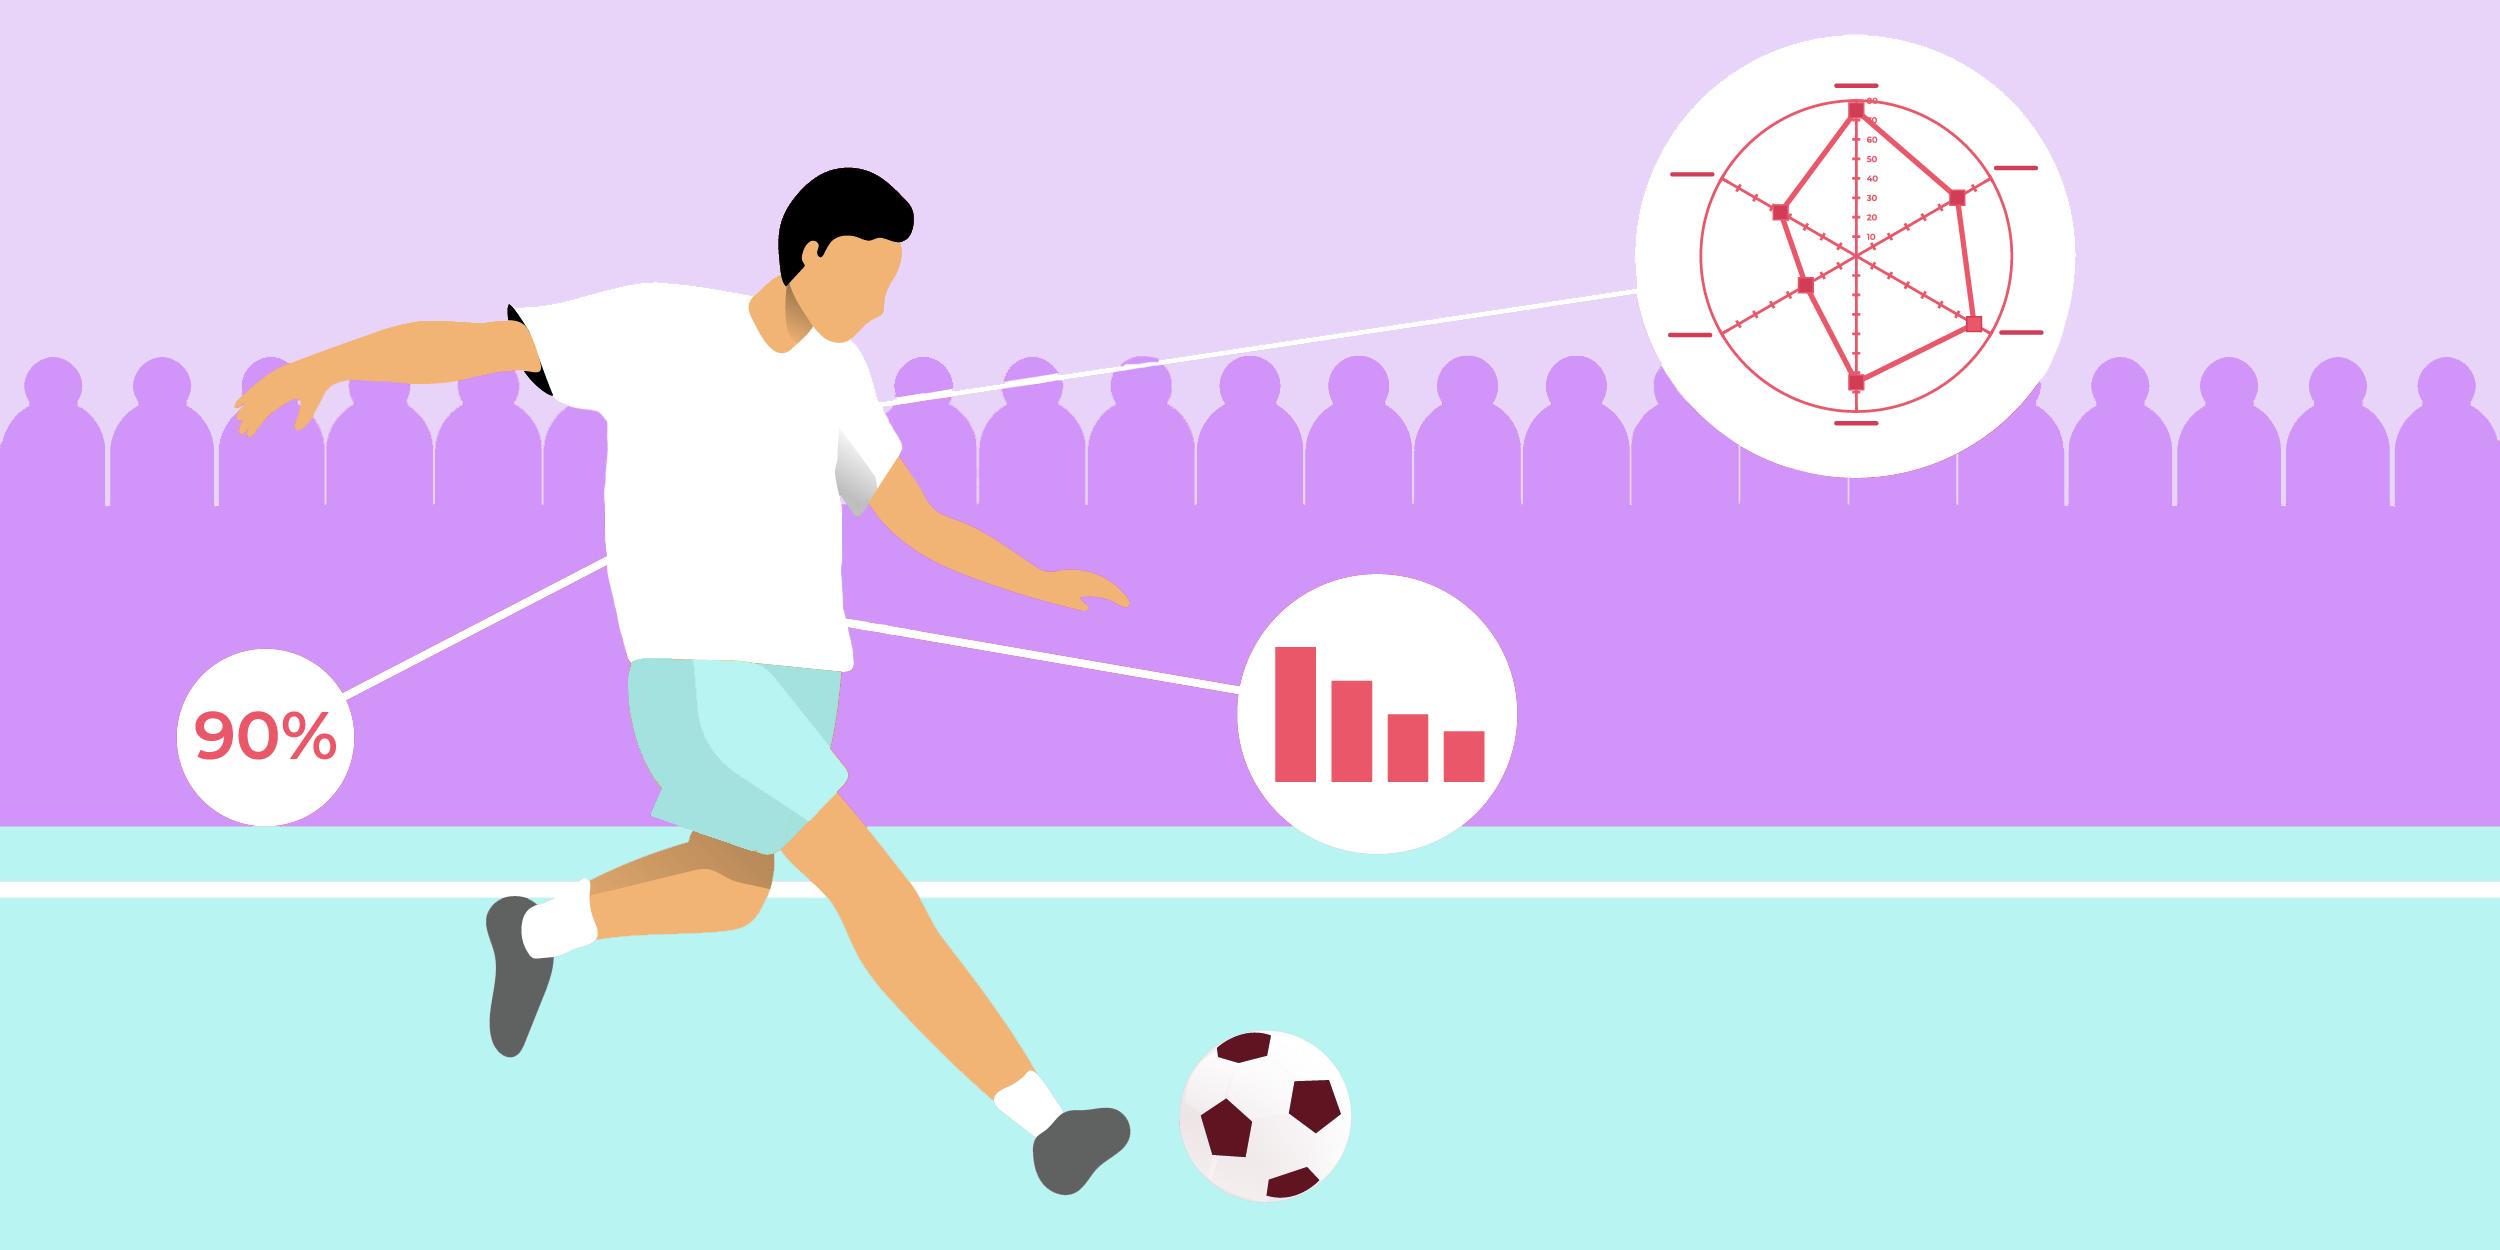 data_reporting_sport